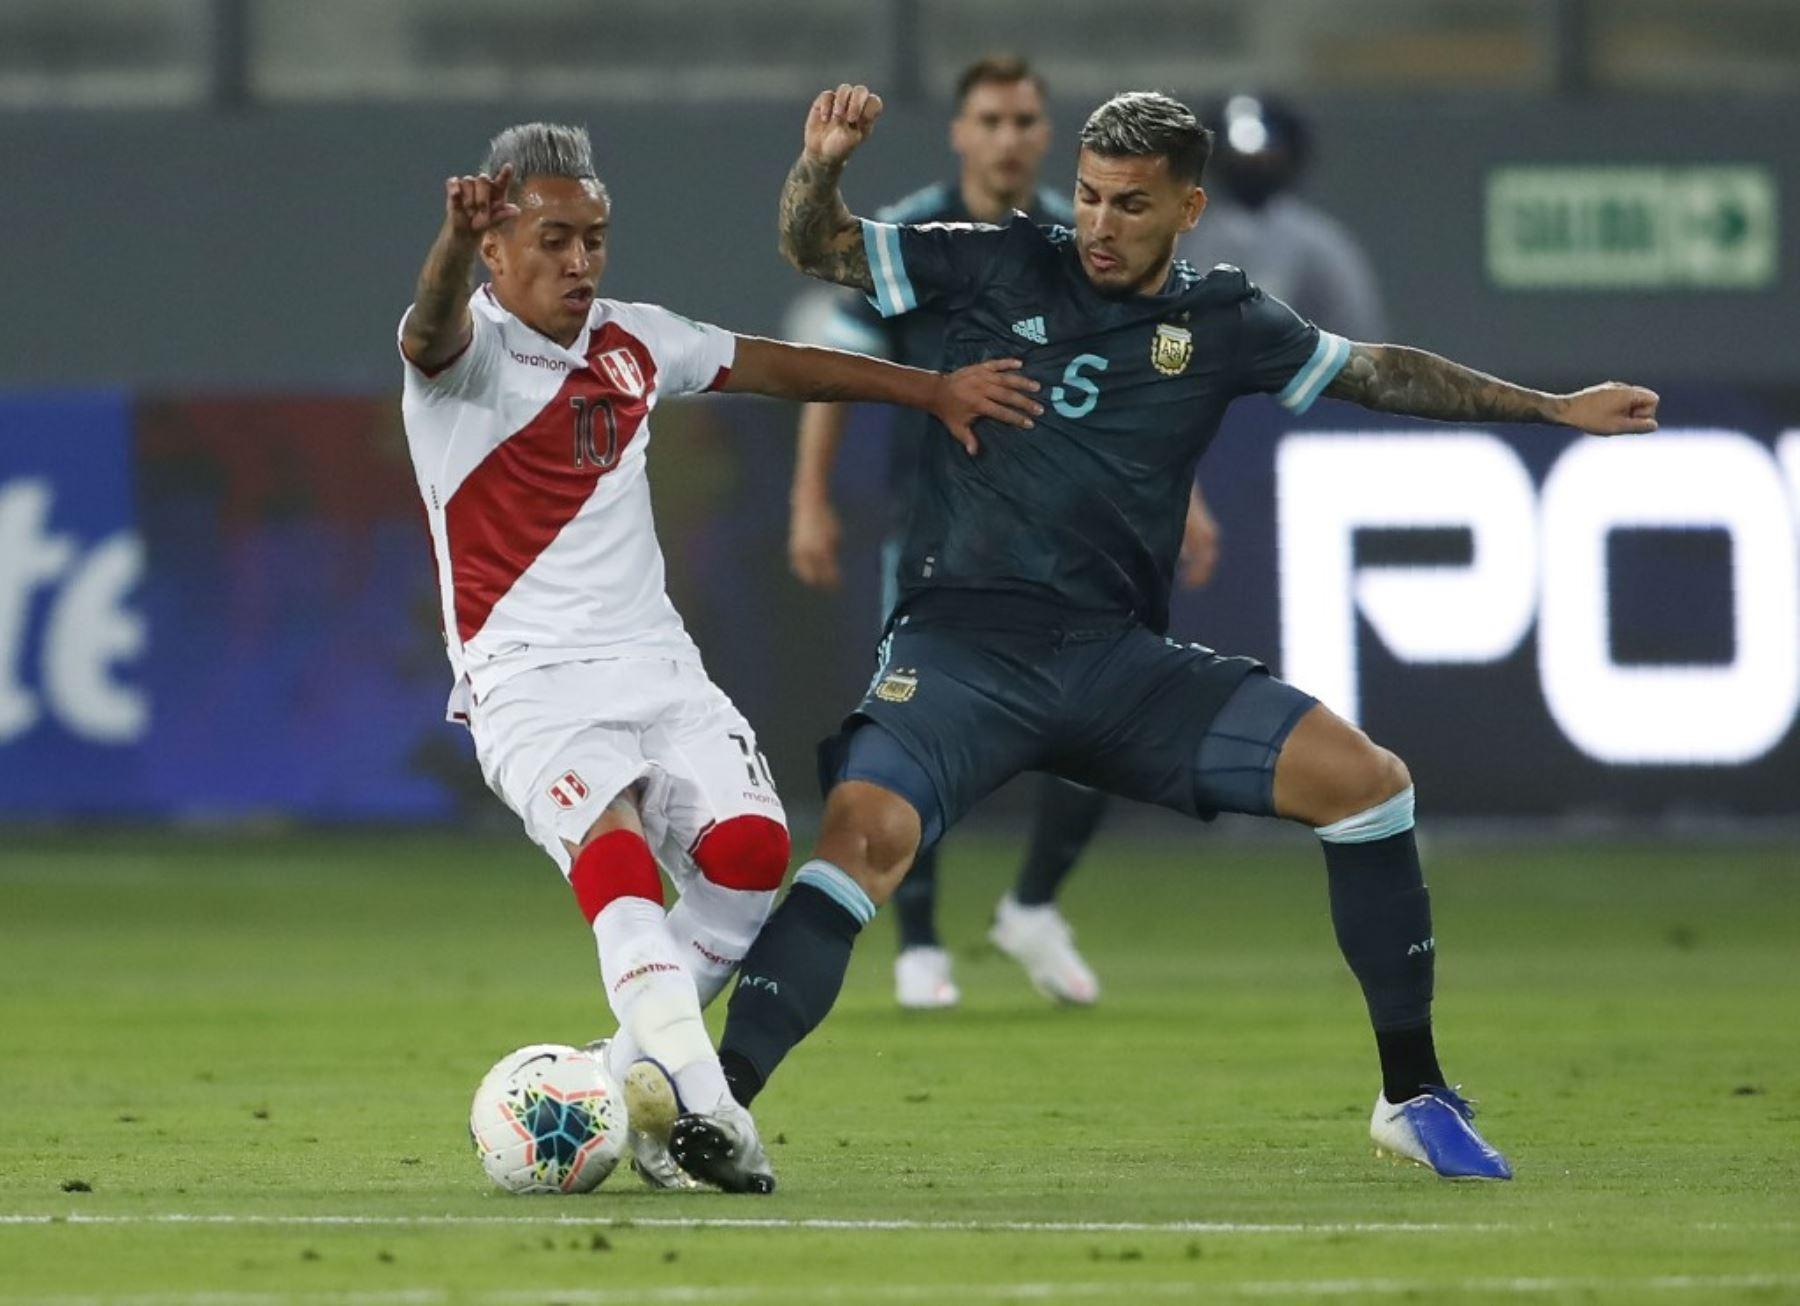 El peruano Christian Cueva (izq.) Y el argentino Leandro Paredes compiten por el balón durante su partido de fútbol a puerta cerrada clasificatorio sudamericano para la Copa Mundial de la FIFA 2022 en el Estadio Nacional de Lima. Foto: AFP